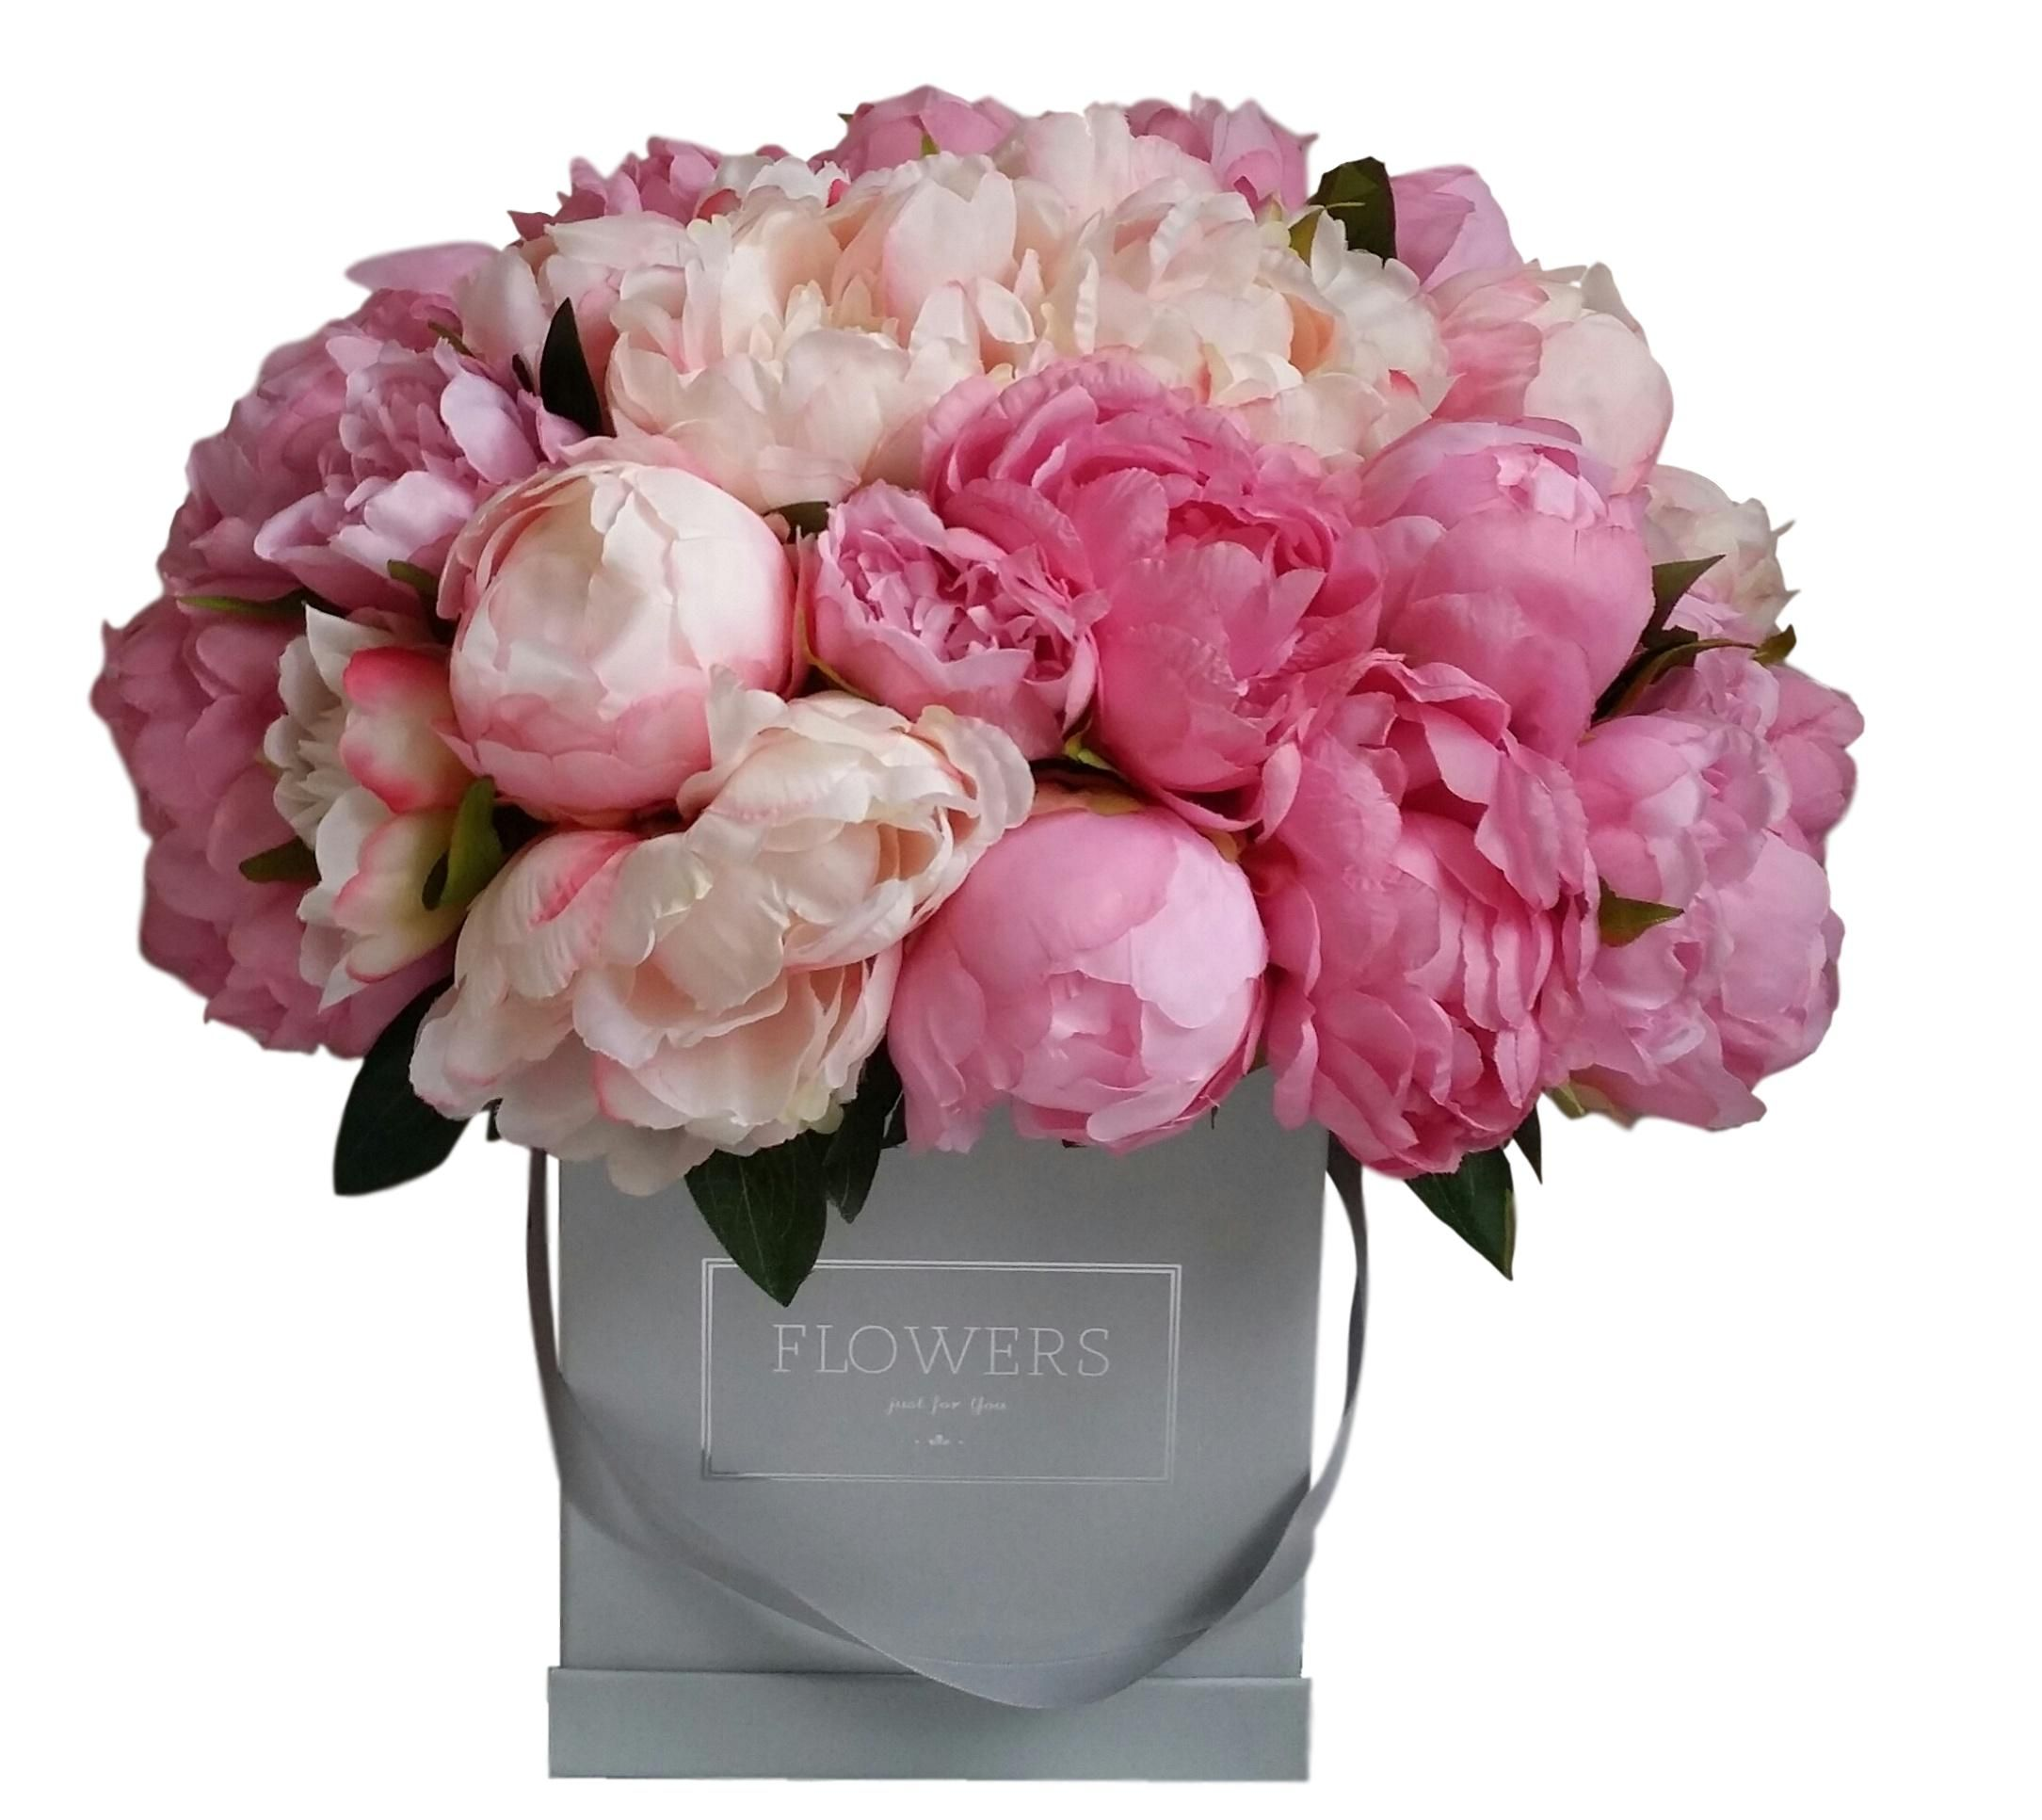 Flower Box Piwonia Piwonie Peonie Sztuczne Kwiaty 7424099288 Oficjalne Archiwum Allegro Flower Boxes Floral Wreath Floral